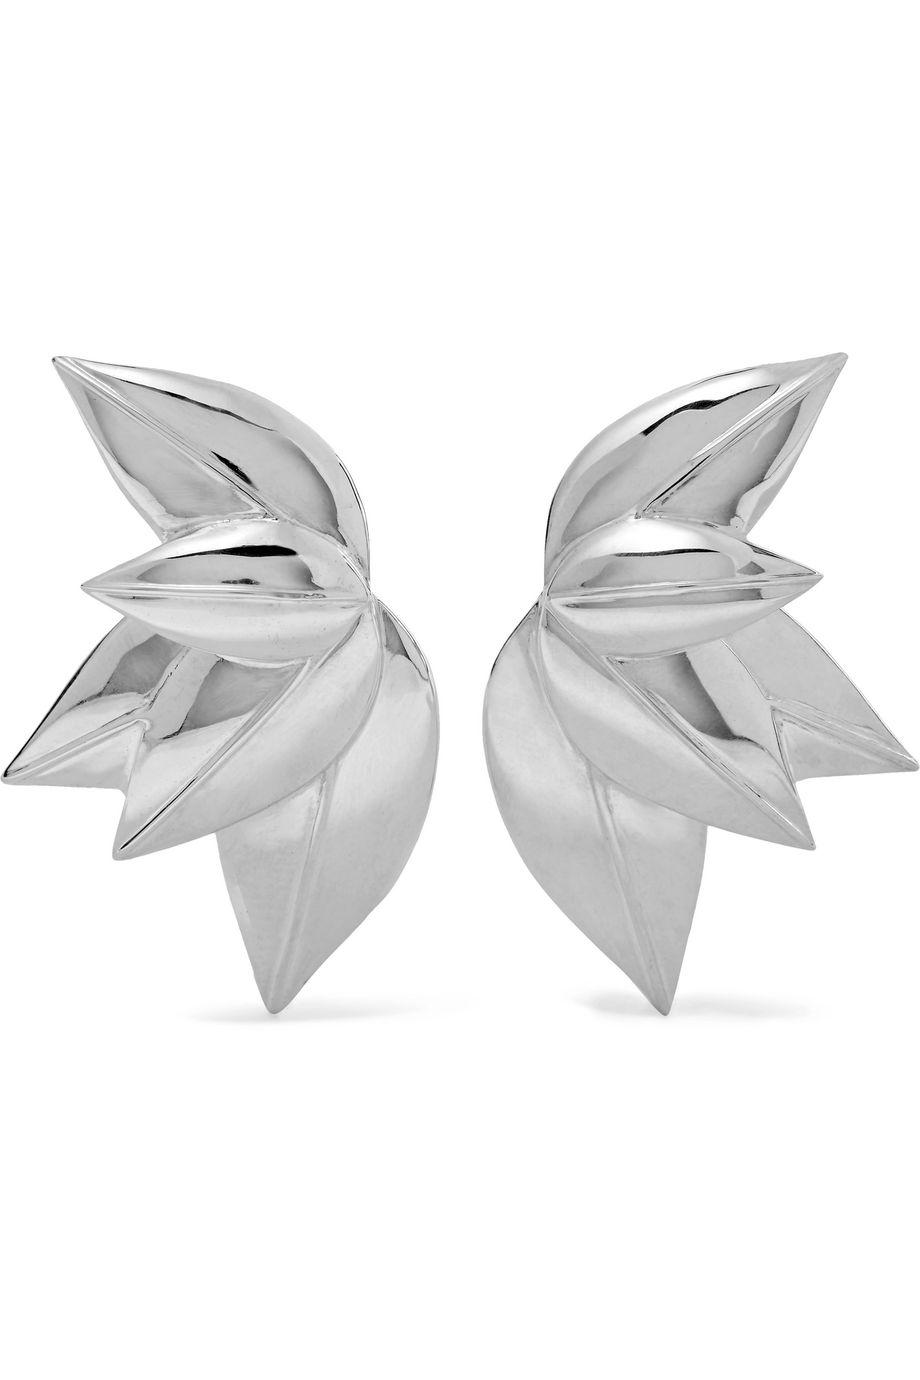 Meadowlark Silver earrings